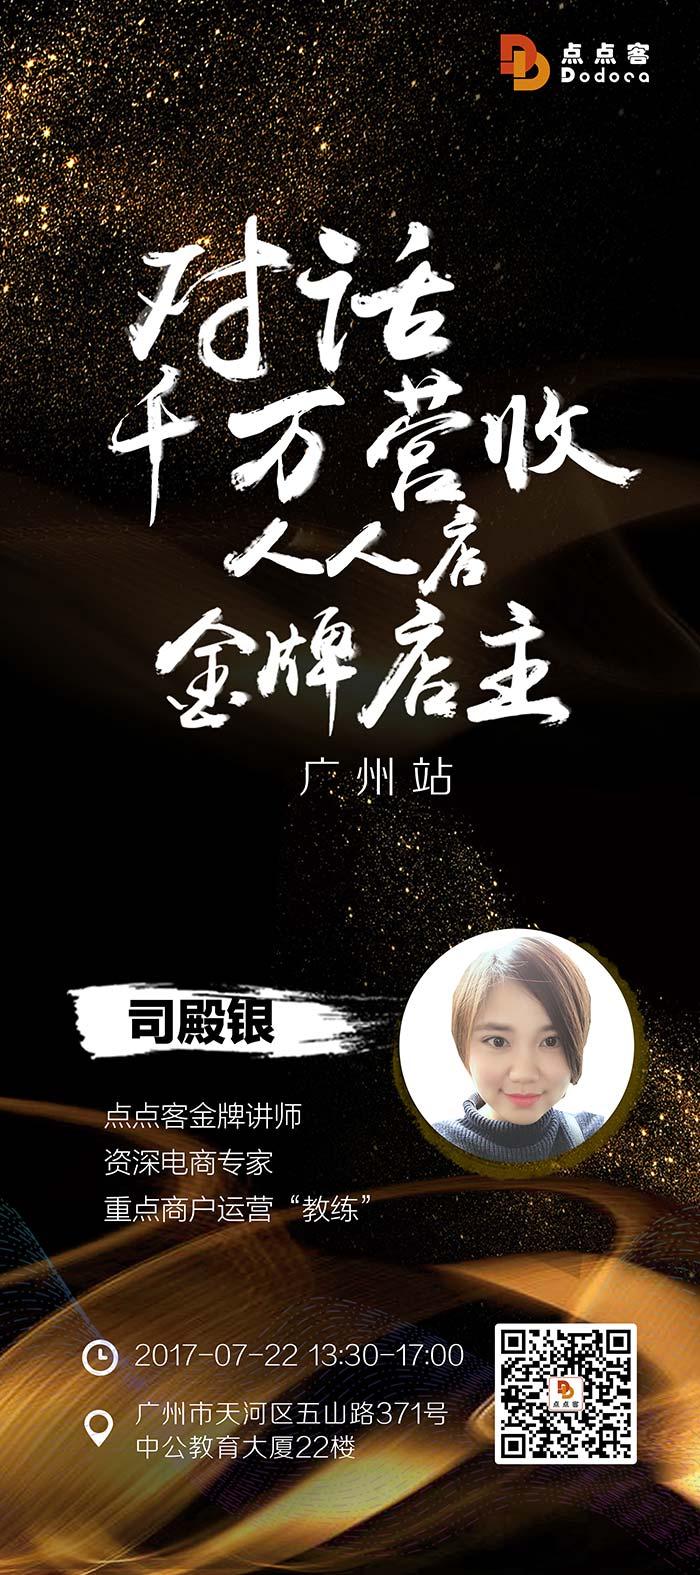 对话千万营收人人店金牌店主——7月22日广州站